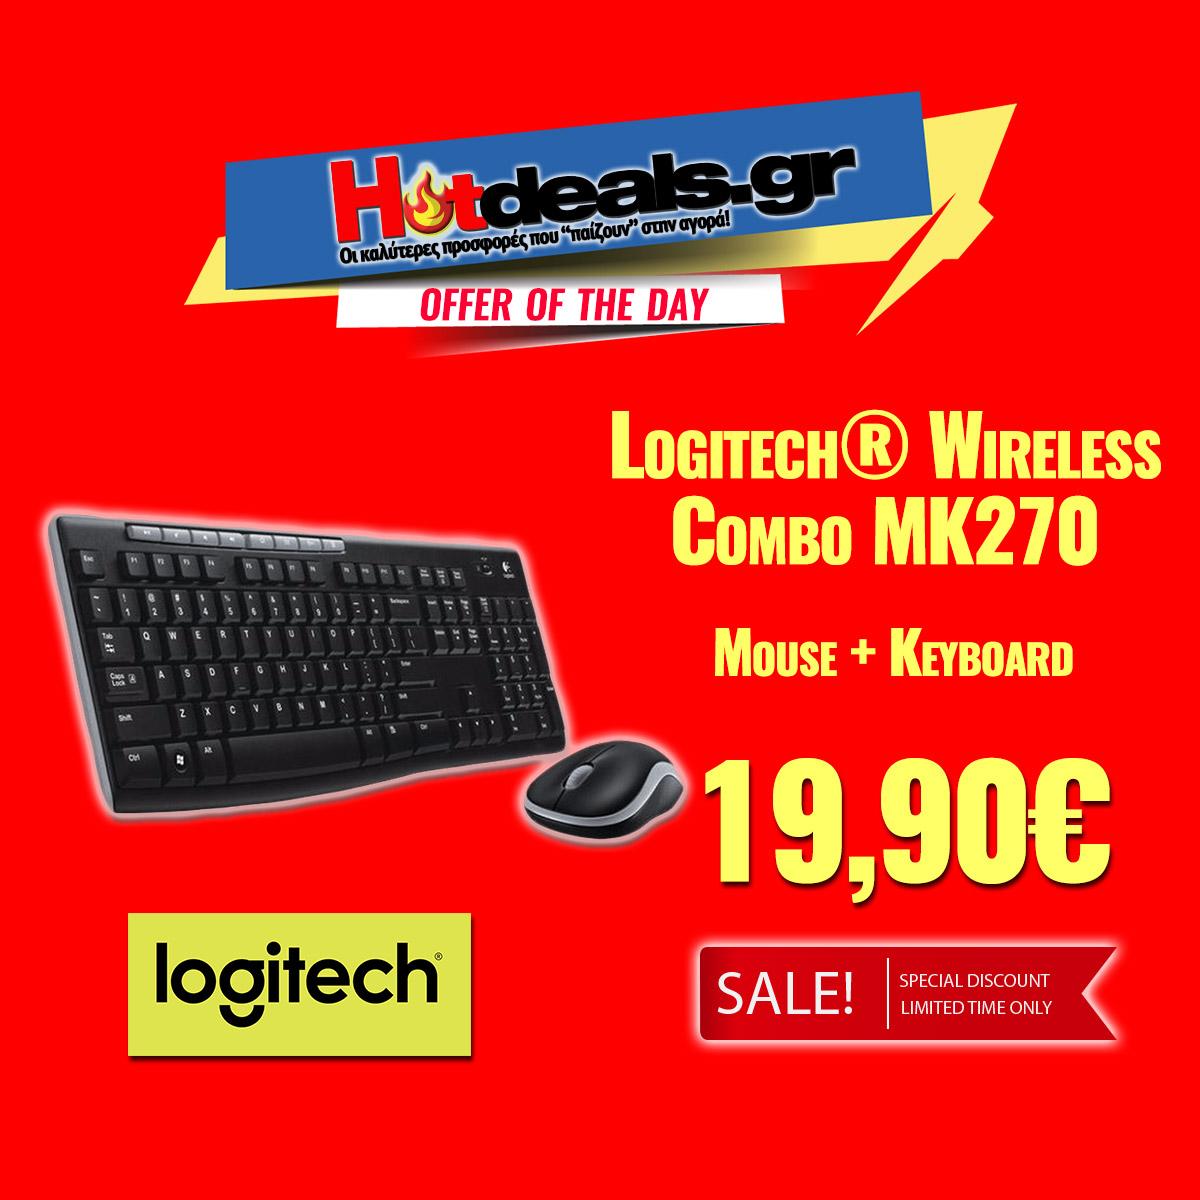 Logitech-Wireless-Combo-MK270-WRLS-Keyboard-Mouse-hotdealsgr